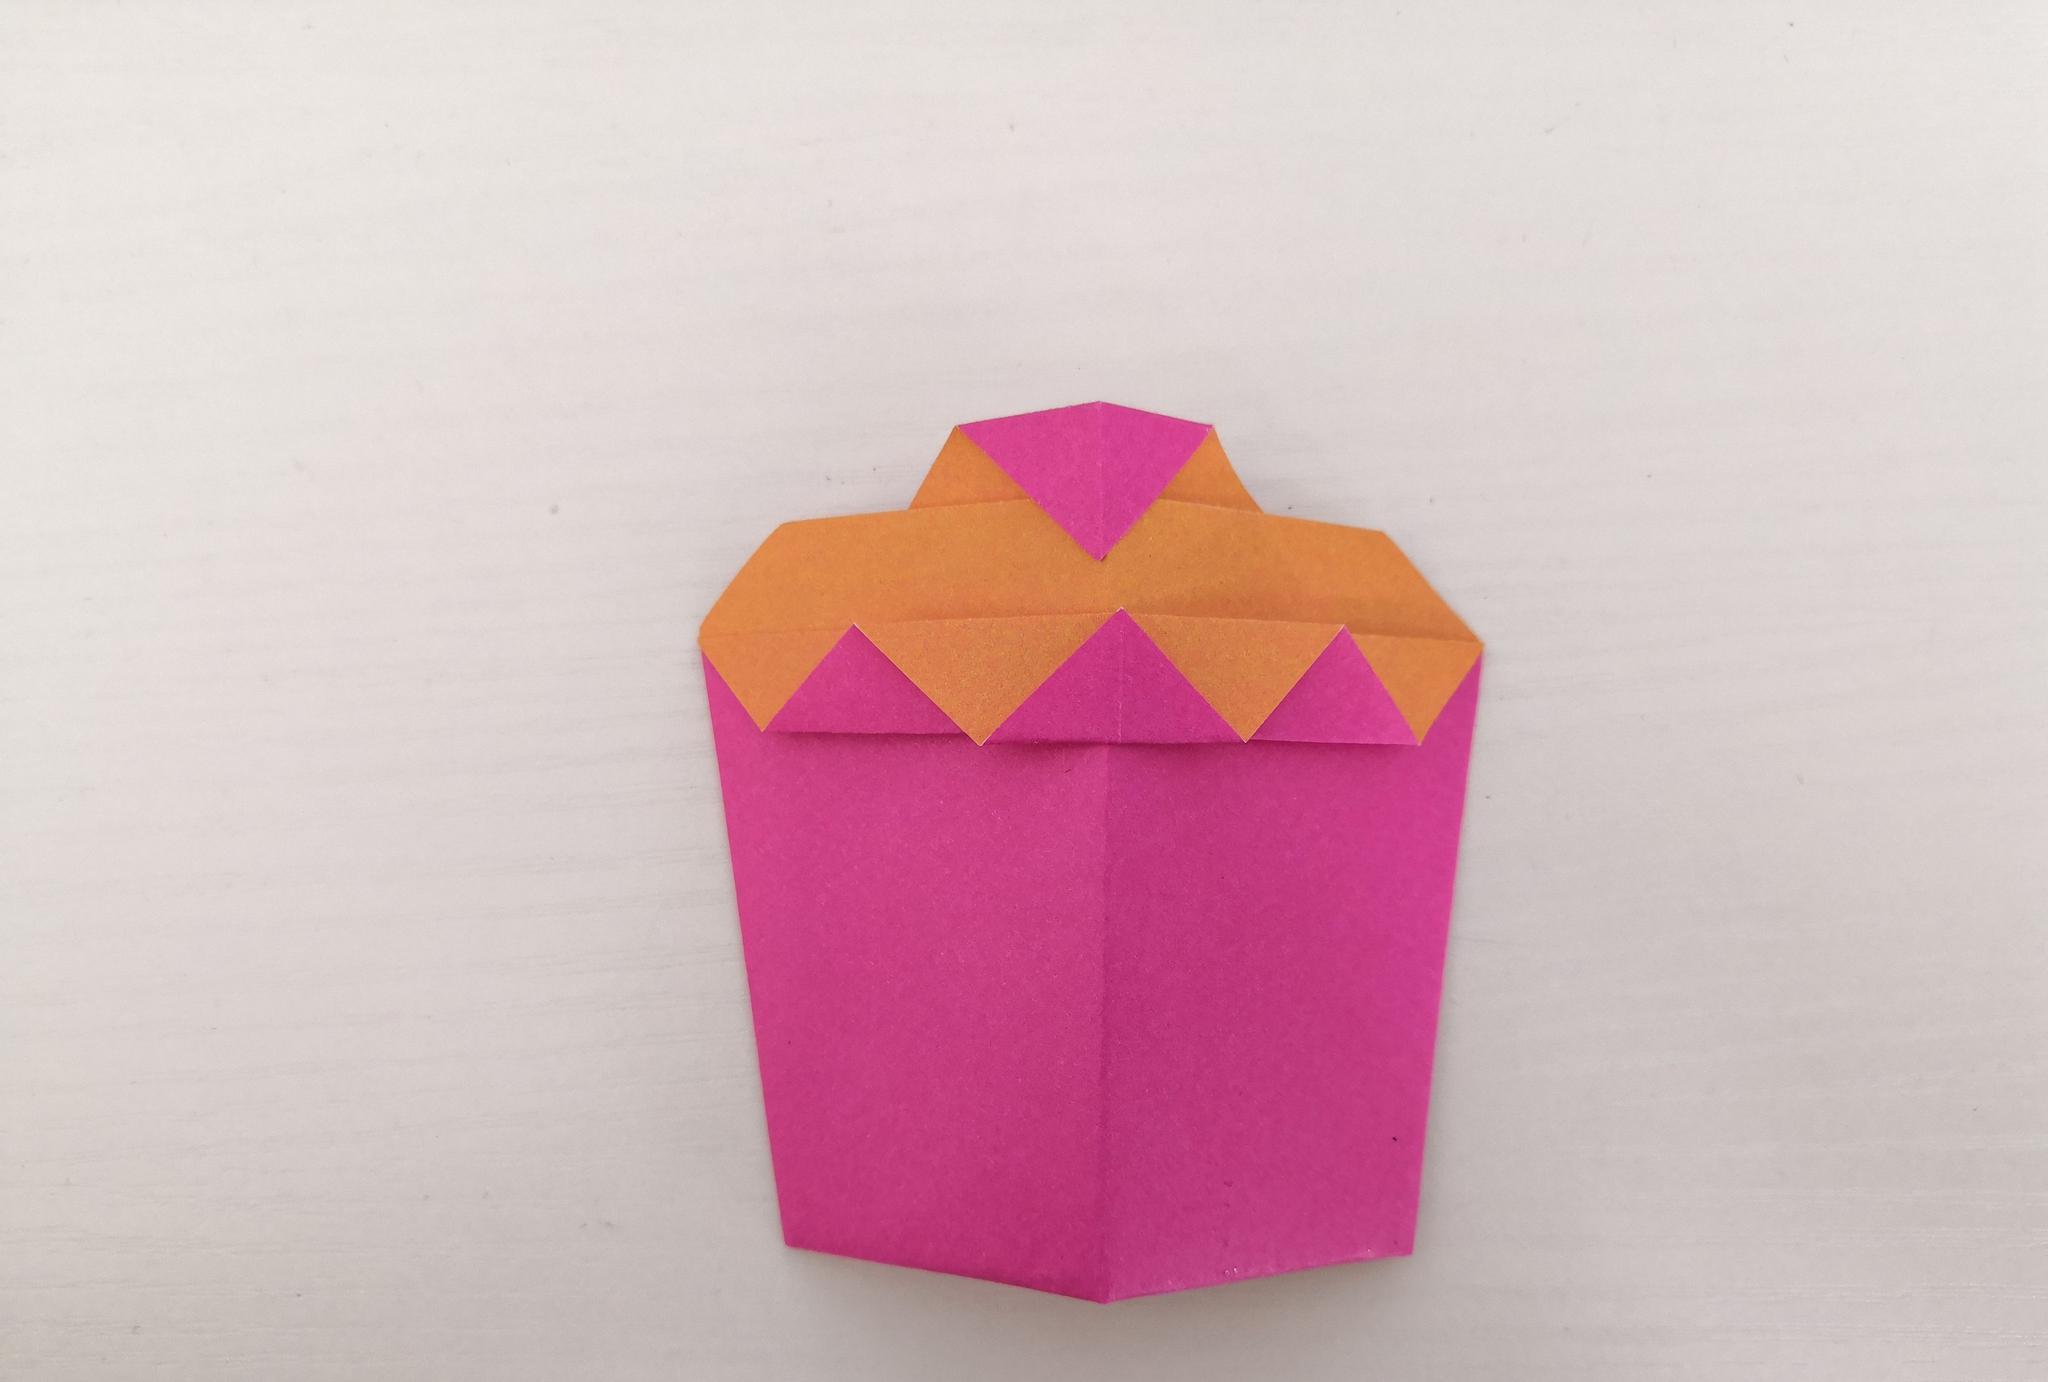 育儿:美味的小蛋糕,看着就想吃,赶快动手折一折吧